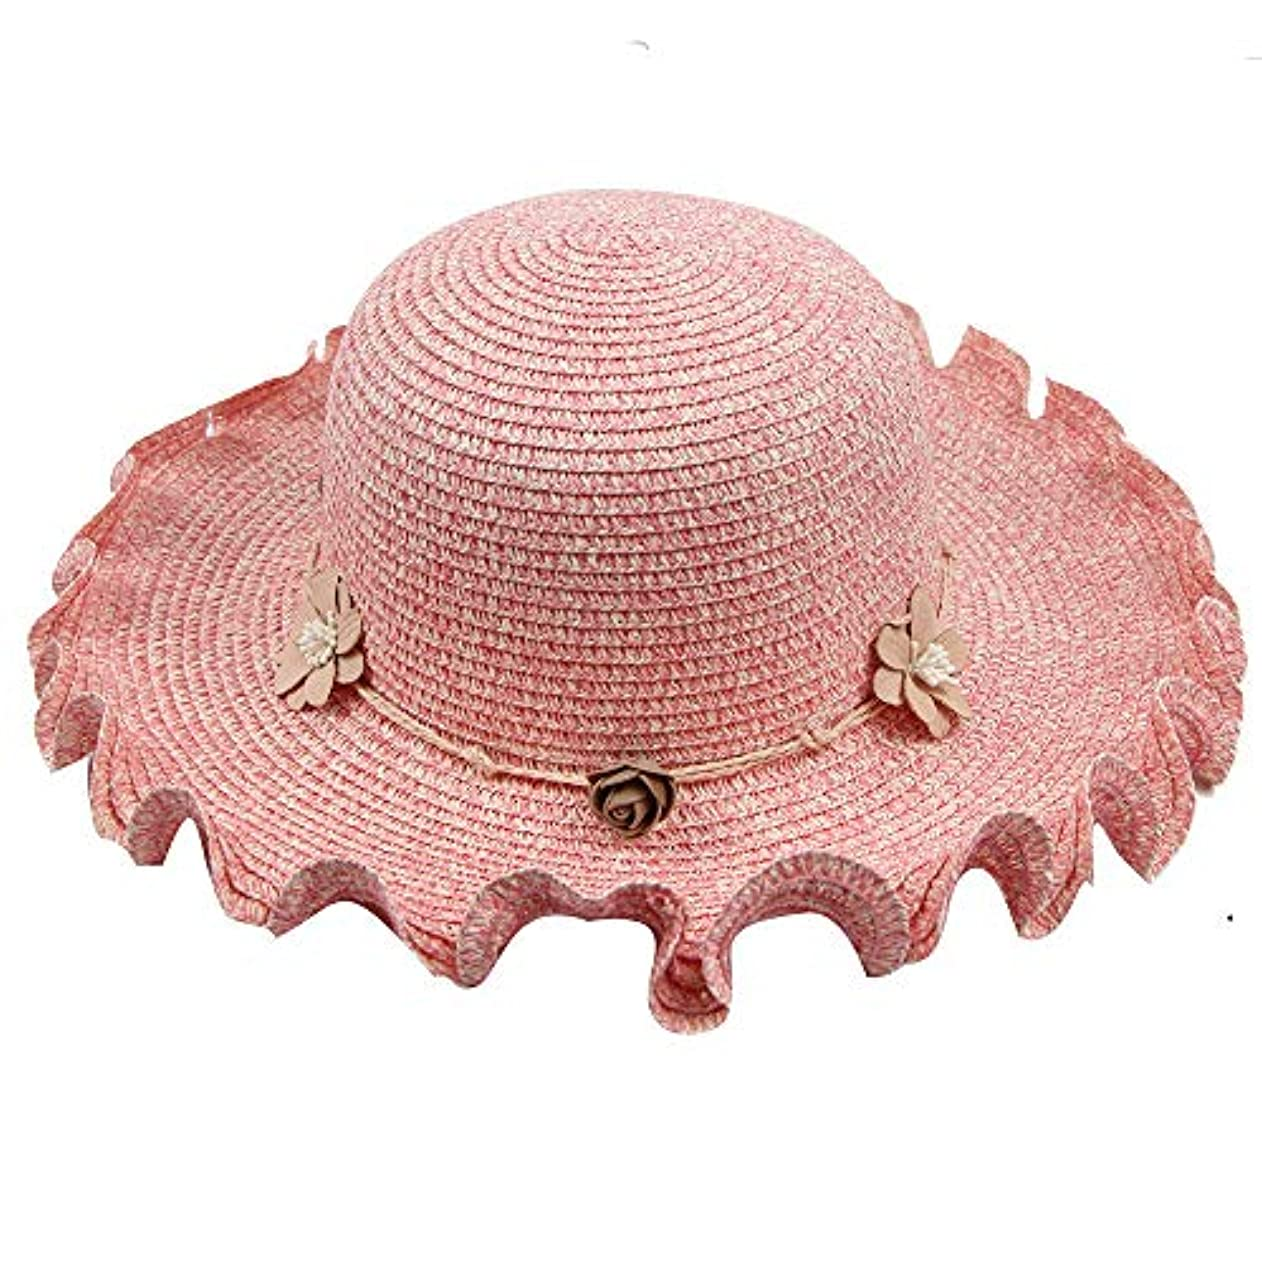 実験的起こりやすいごみ帽子 ROSE ROMAN ハット レディース 帽子 サイズ調整 テープ 夏 ビーチ 必須 UVカット 帽子 日焼け防止 紫外線対策 ニット帽 ビーチ レディース ハンチング帽 発送 春夏 ベレー帽 帽子 レディース ブリーズフレンチハット